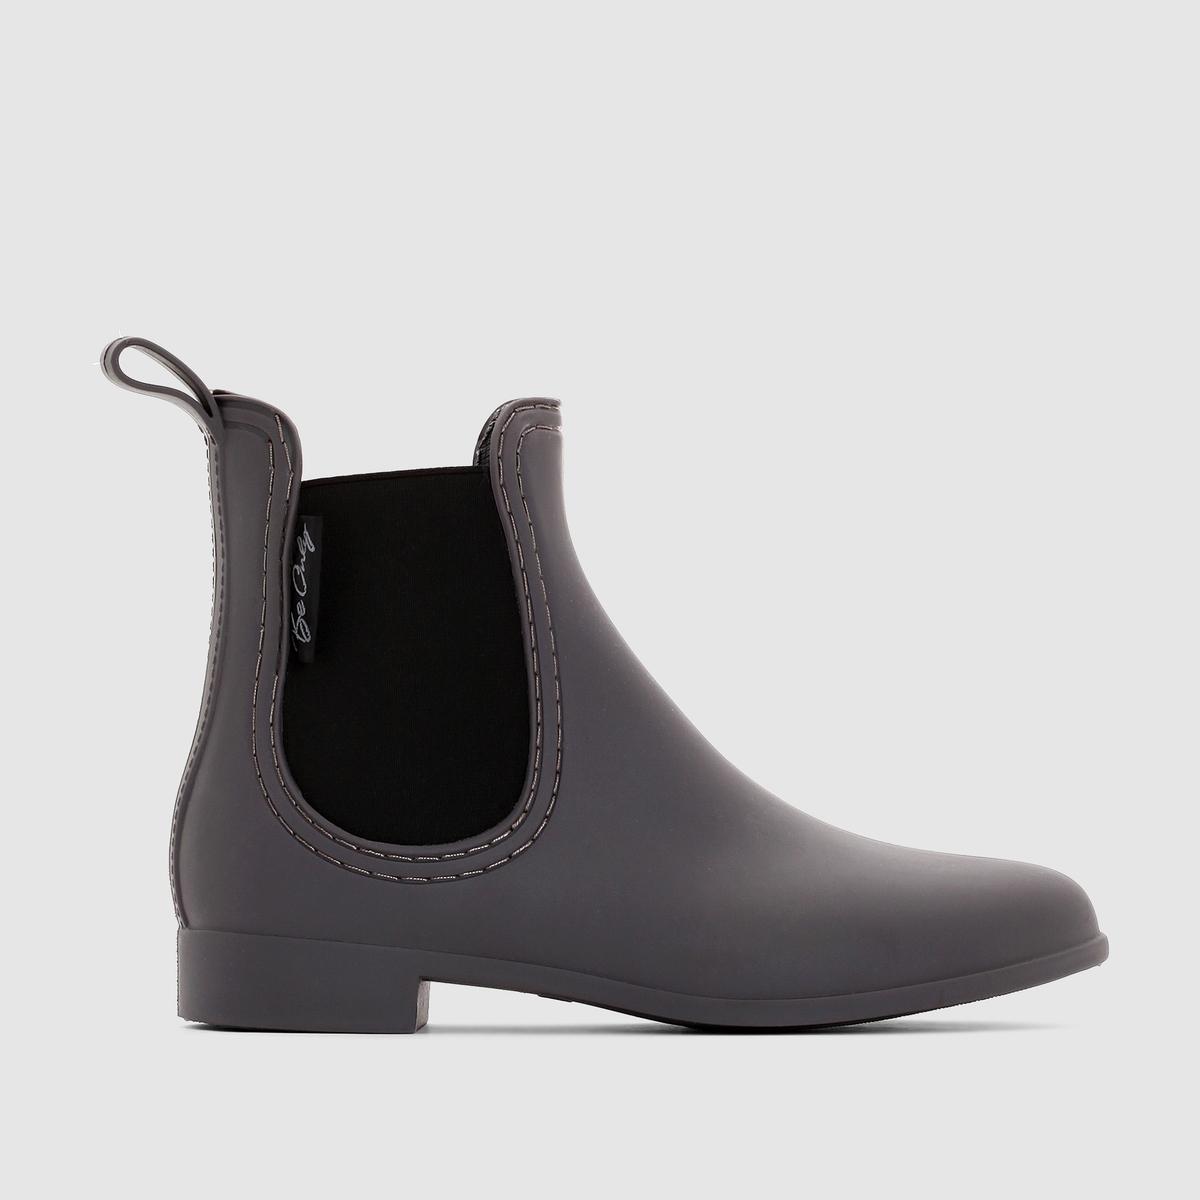 Ботинки-челси Be Only BEATLEБотинки из модной линейки челси, стойкие к дождю : прекрасный  стильный выбор для ненастной погоды   !<br><br>Цвет: серый